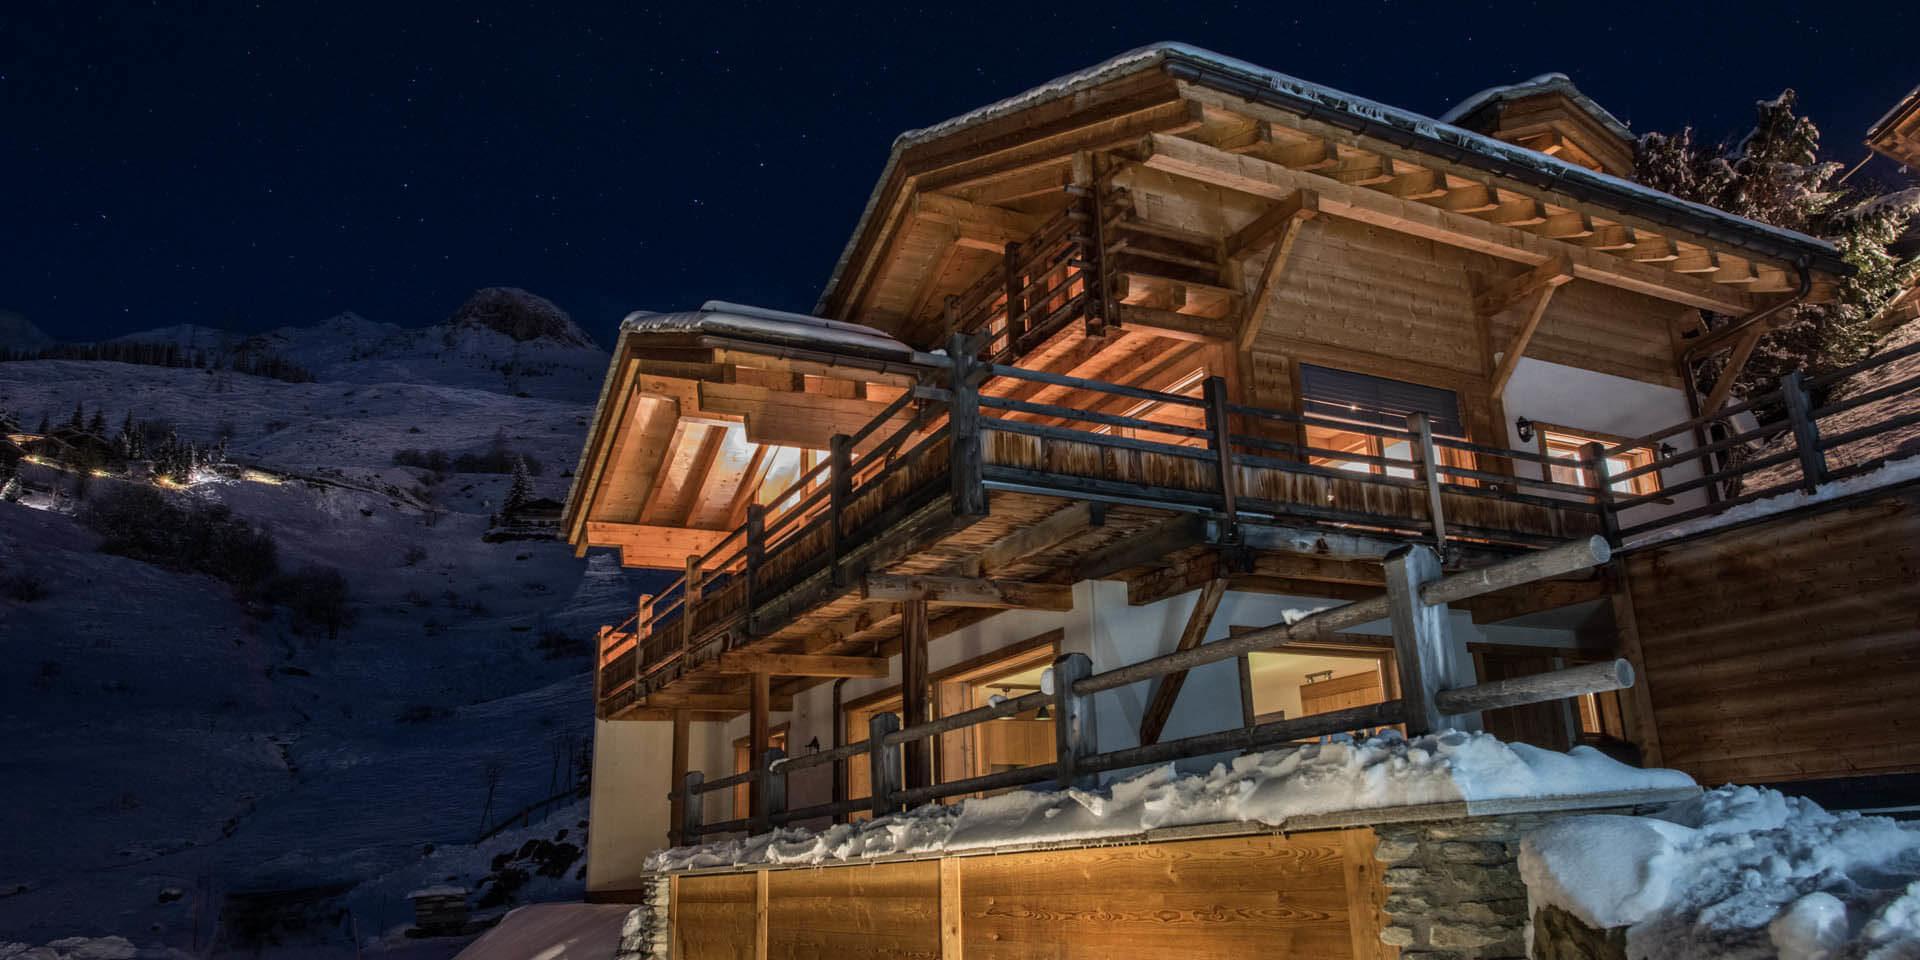 Chalet Rock Verbier Les 4 Vallees Zwitserland wintersport skivakantie luxe chalet balkons sneeuw bergen by night